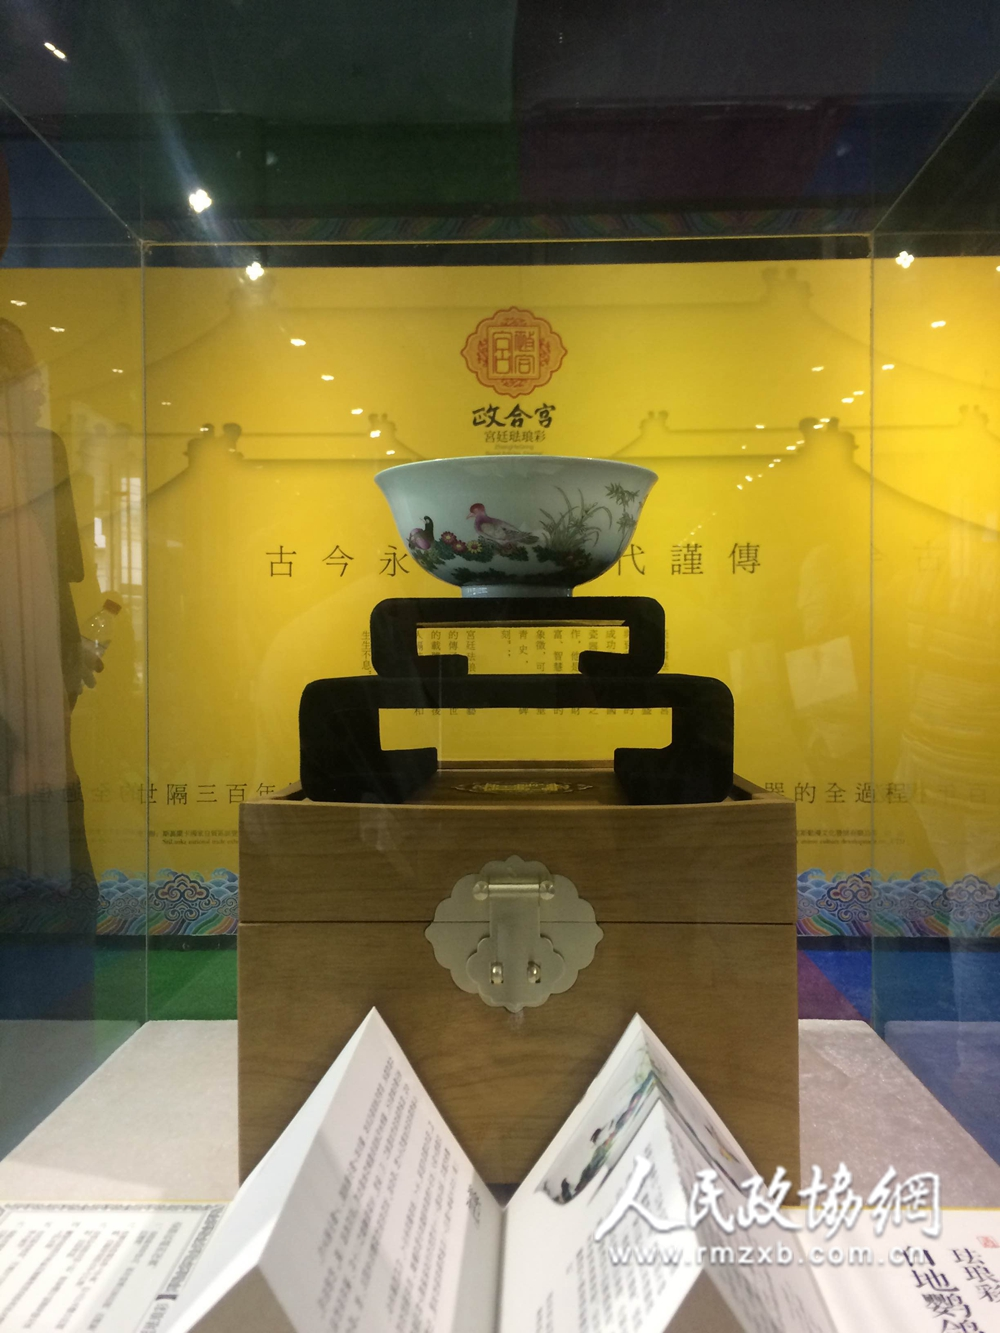 2016北京国际设计贸易交易会展示空间1